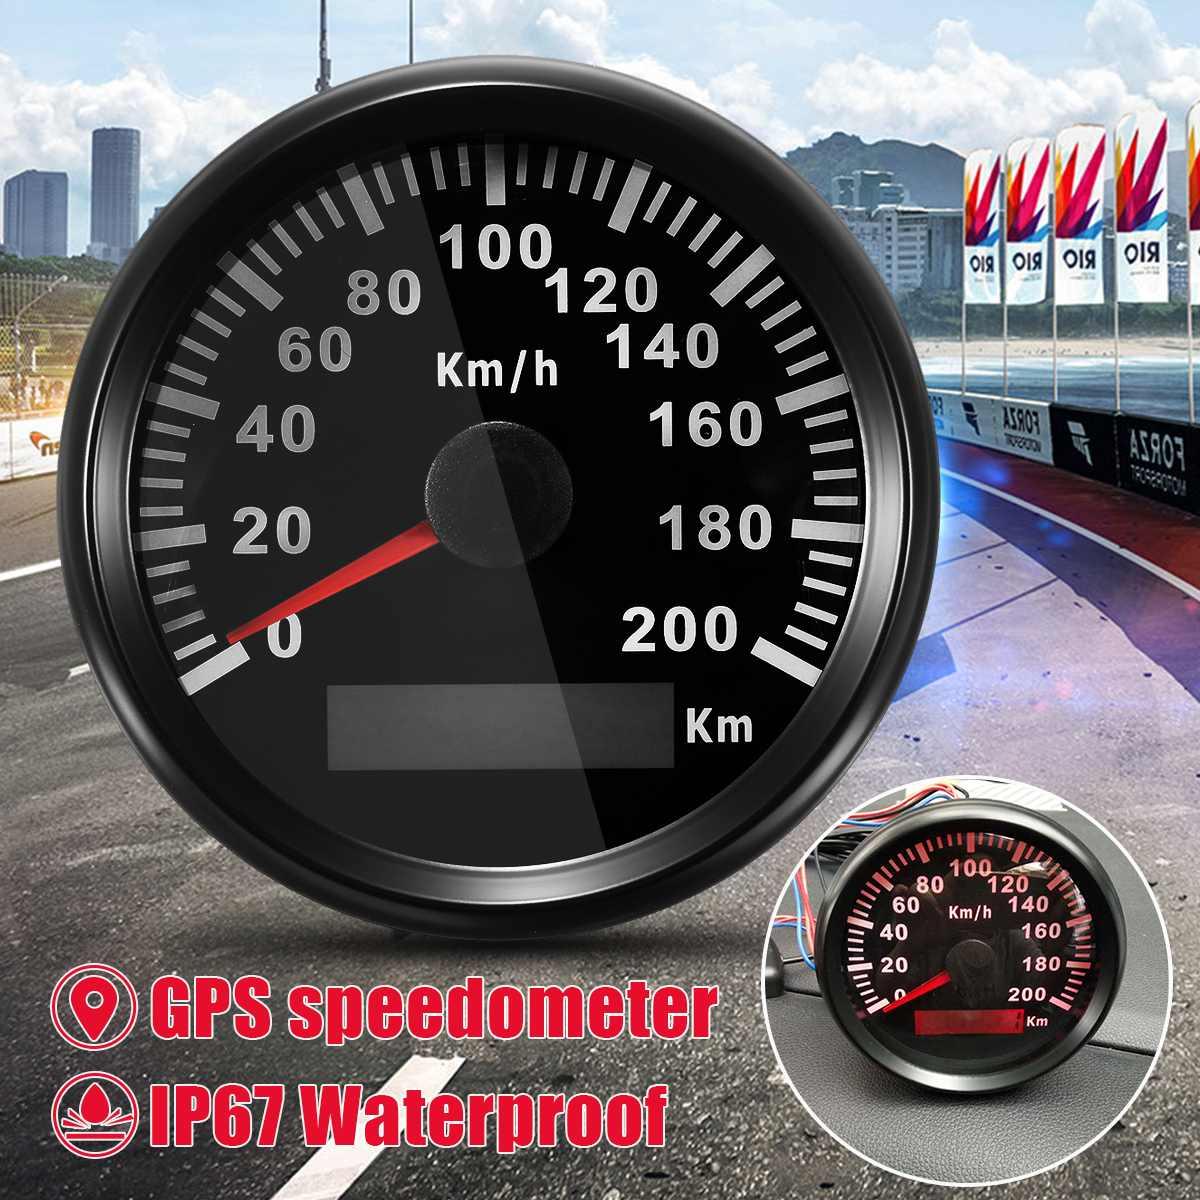 Waterproofing Digital Display Gauges 85mm GPS Speedometer Stainless 200km/h Motorcycle Bike Car Truck Motor Auto With BacklightWaterproofing Digital Display Gauges 85mm GPS Speedometer Stainless 200km/h Motorcycle Bike Car Truck Motor Auto With Backlight